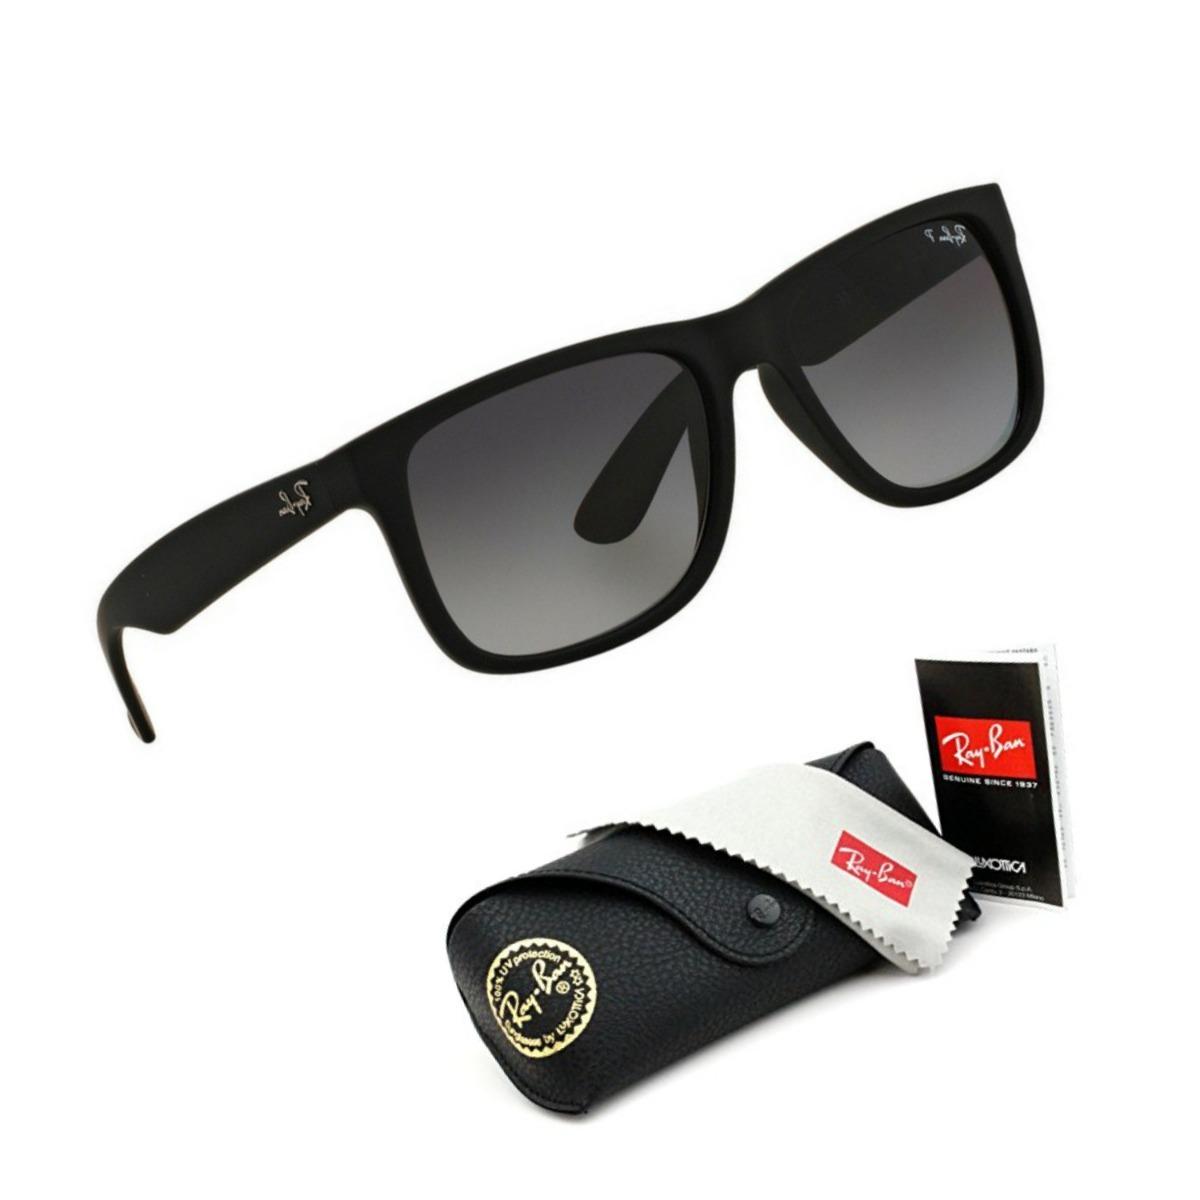 e50b7ff3c óculos de sol justin polarizado masculino promoção verão. Carregando zoom.